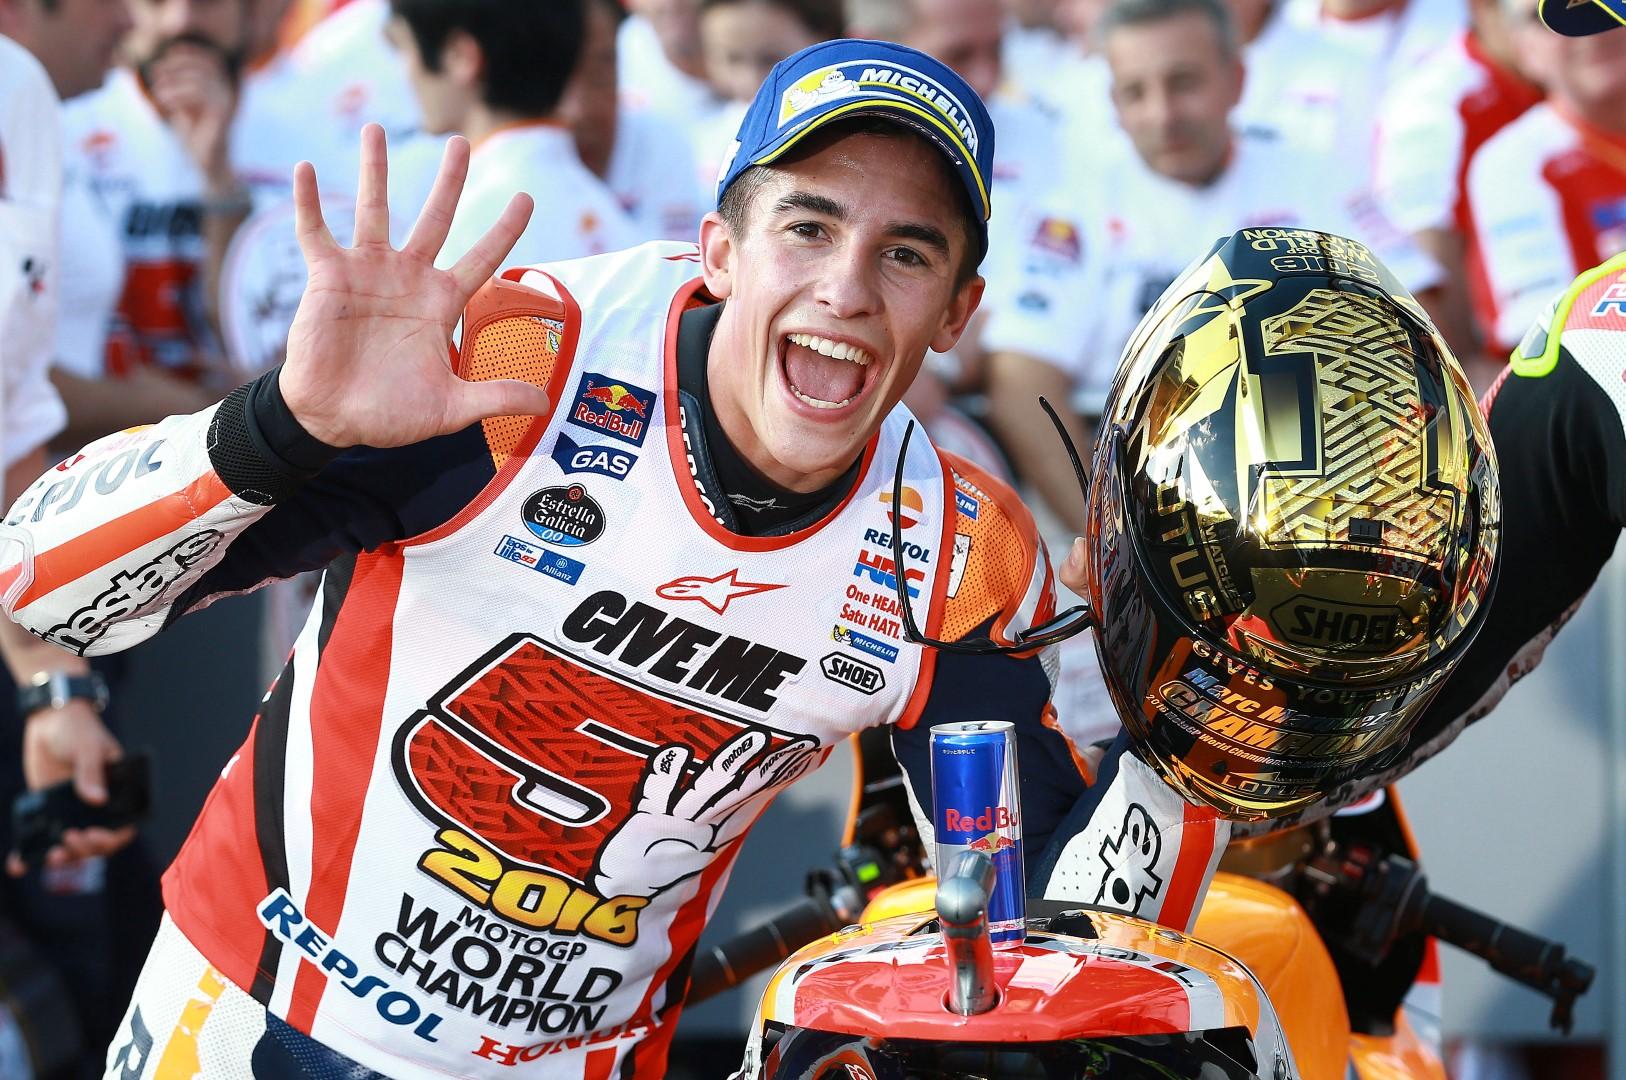 Marc Márquez campeón, celebramos su título de MotoGP